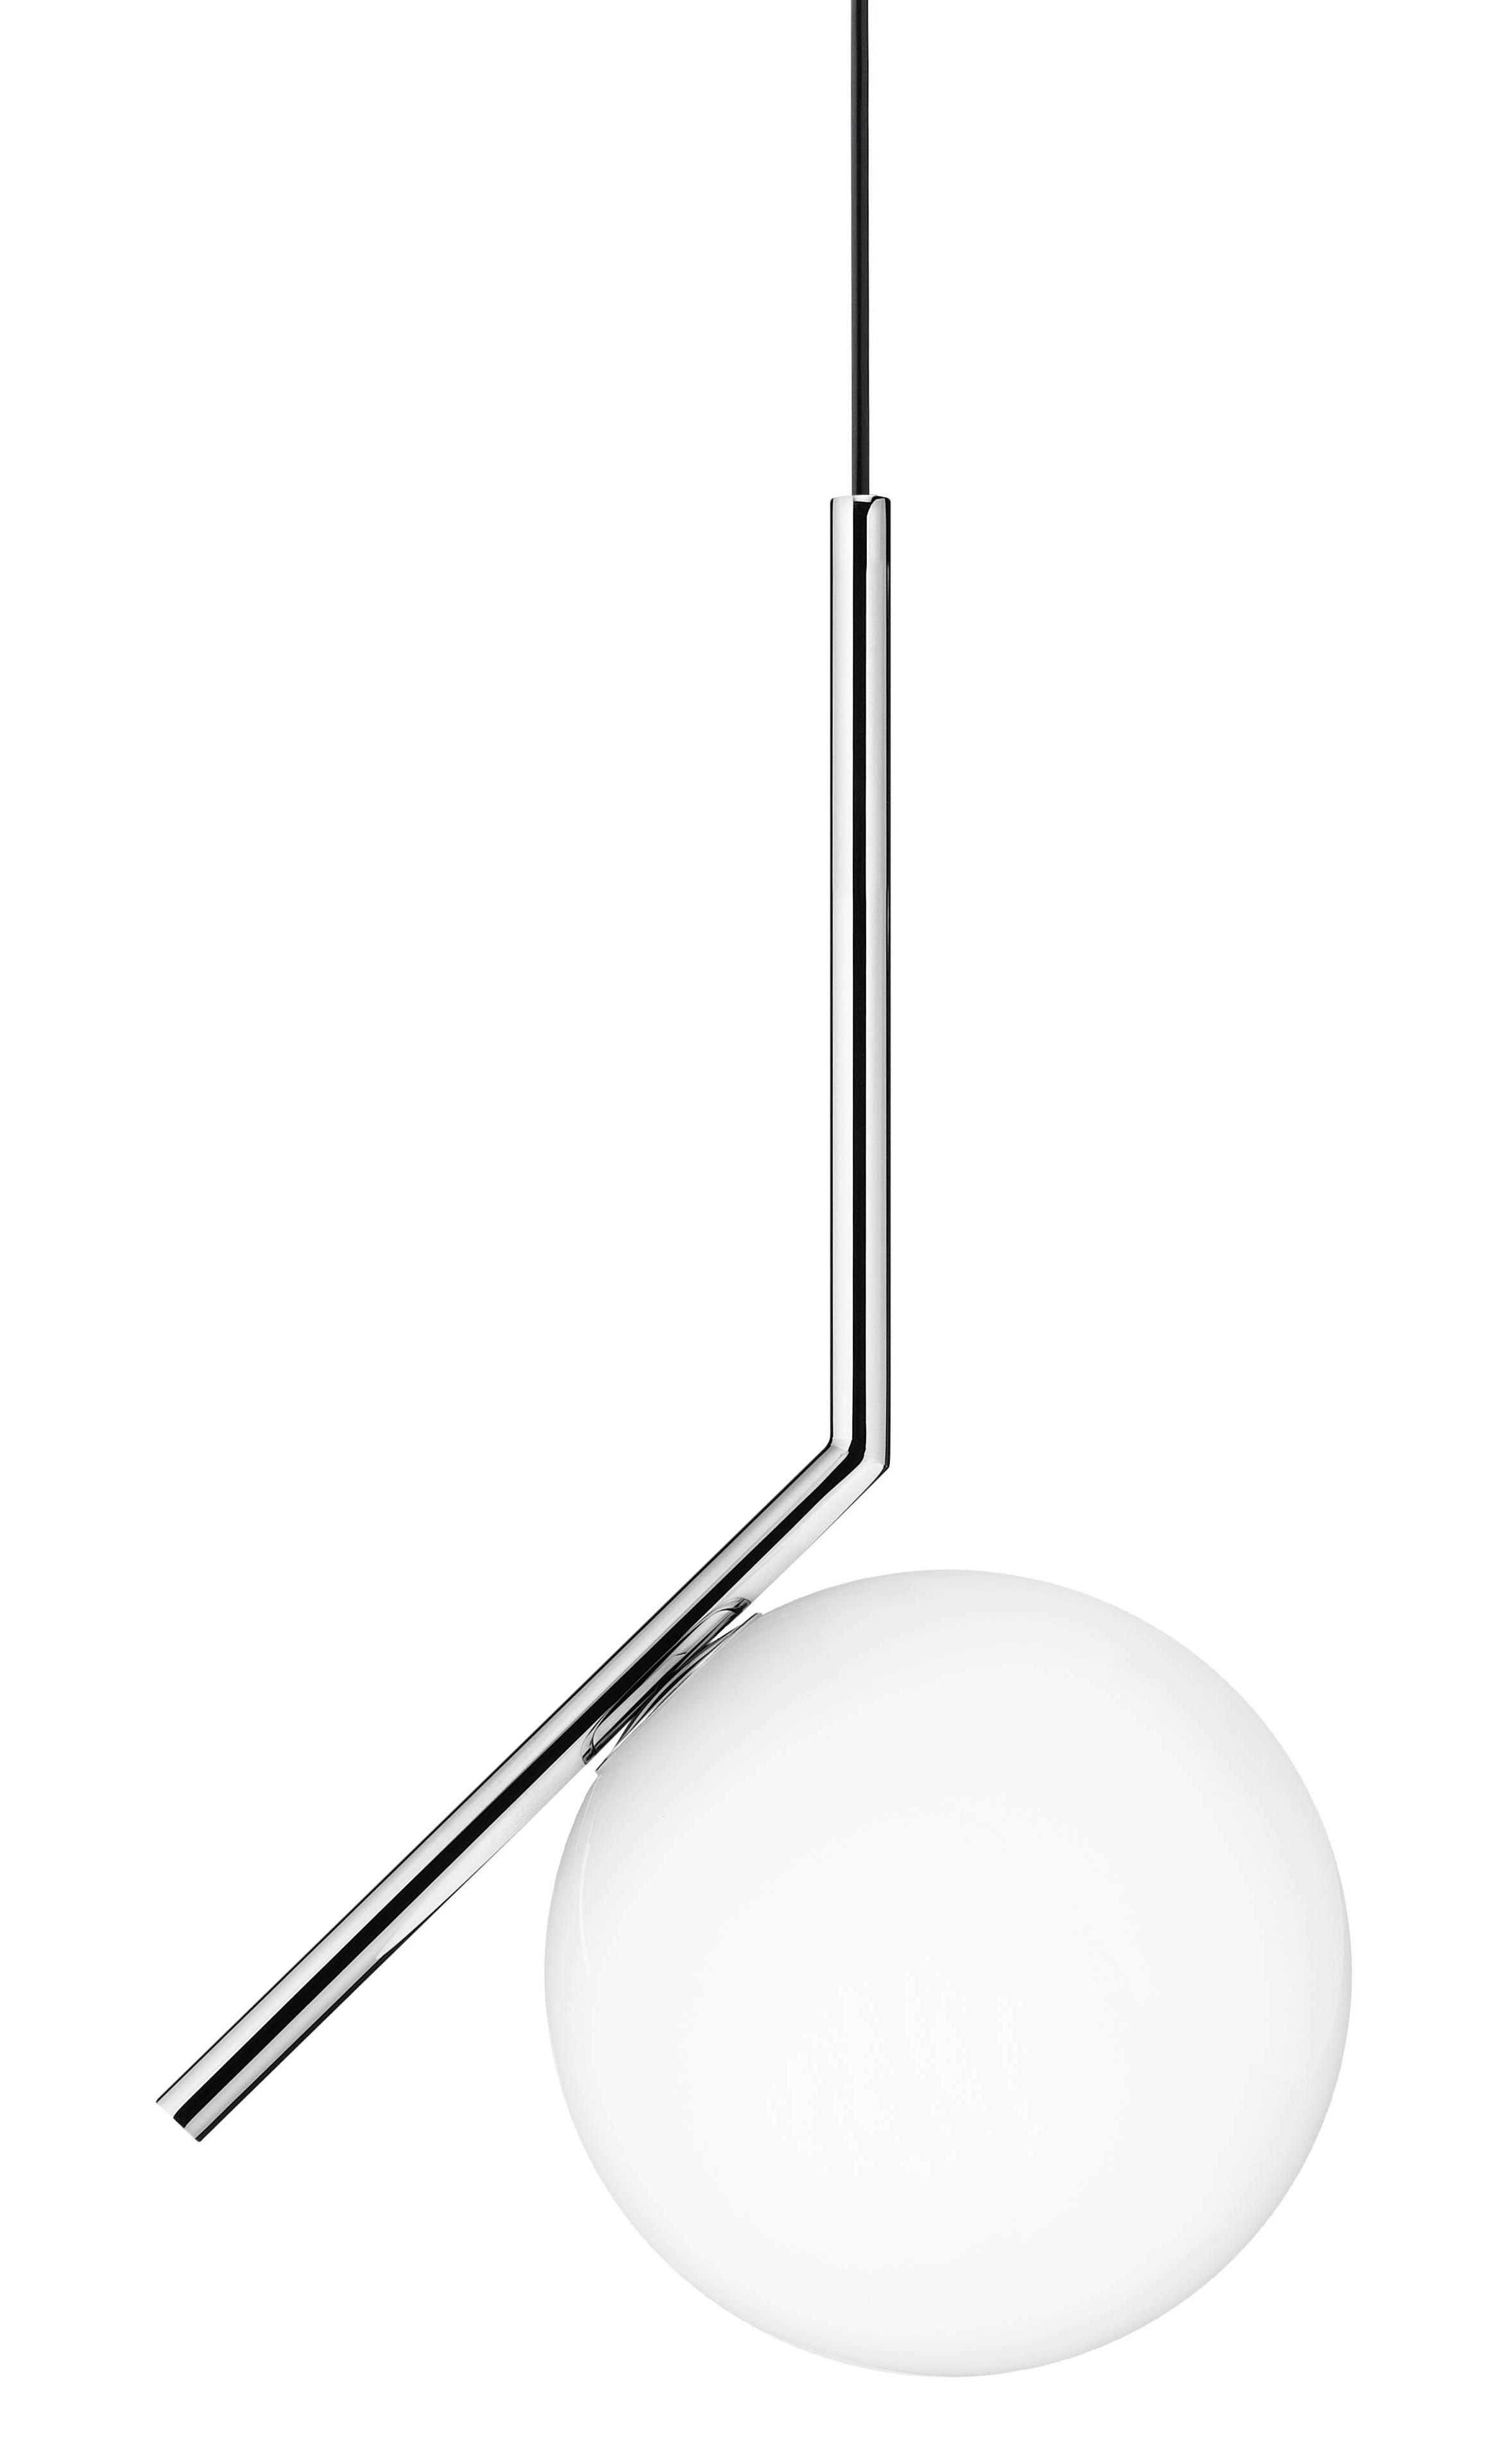 Luminaire - Suspensions - Suspension IC S1 / H 48,2 cm - Flos - Chromé - Acier chromé, Verre soufflé